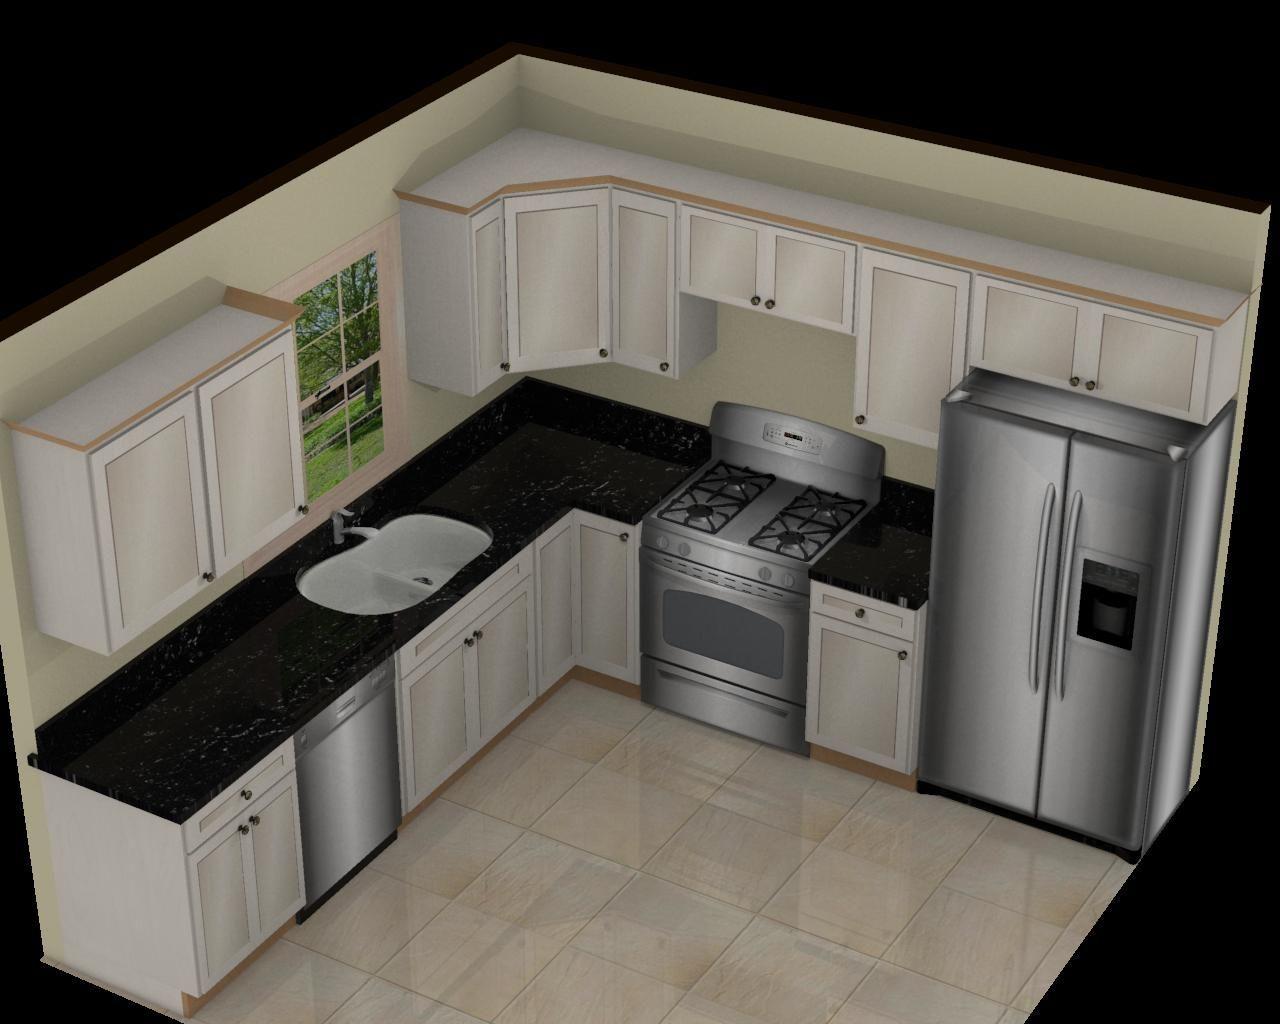 Image Result For 10x10 U Shaped Kitchen Layout Corner Pantry Cozinhas Modernas Remodelagem De Cozinha Design De Cozinha